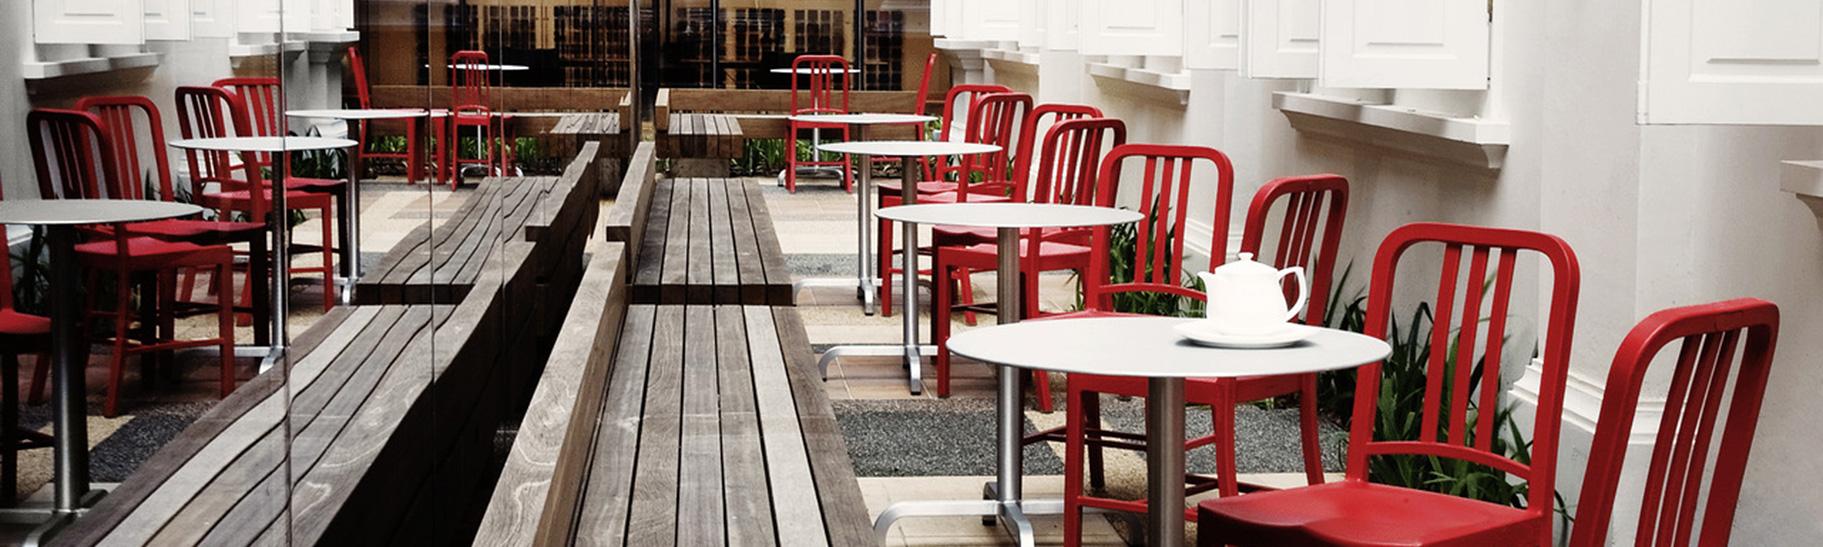 Exceptionnel Emeco | DomésticoShop Designer Furniture